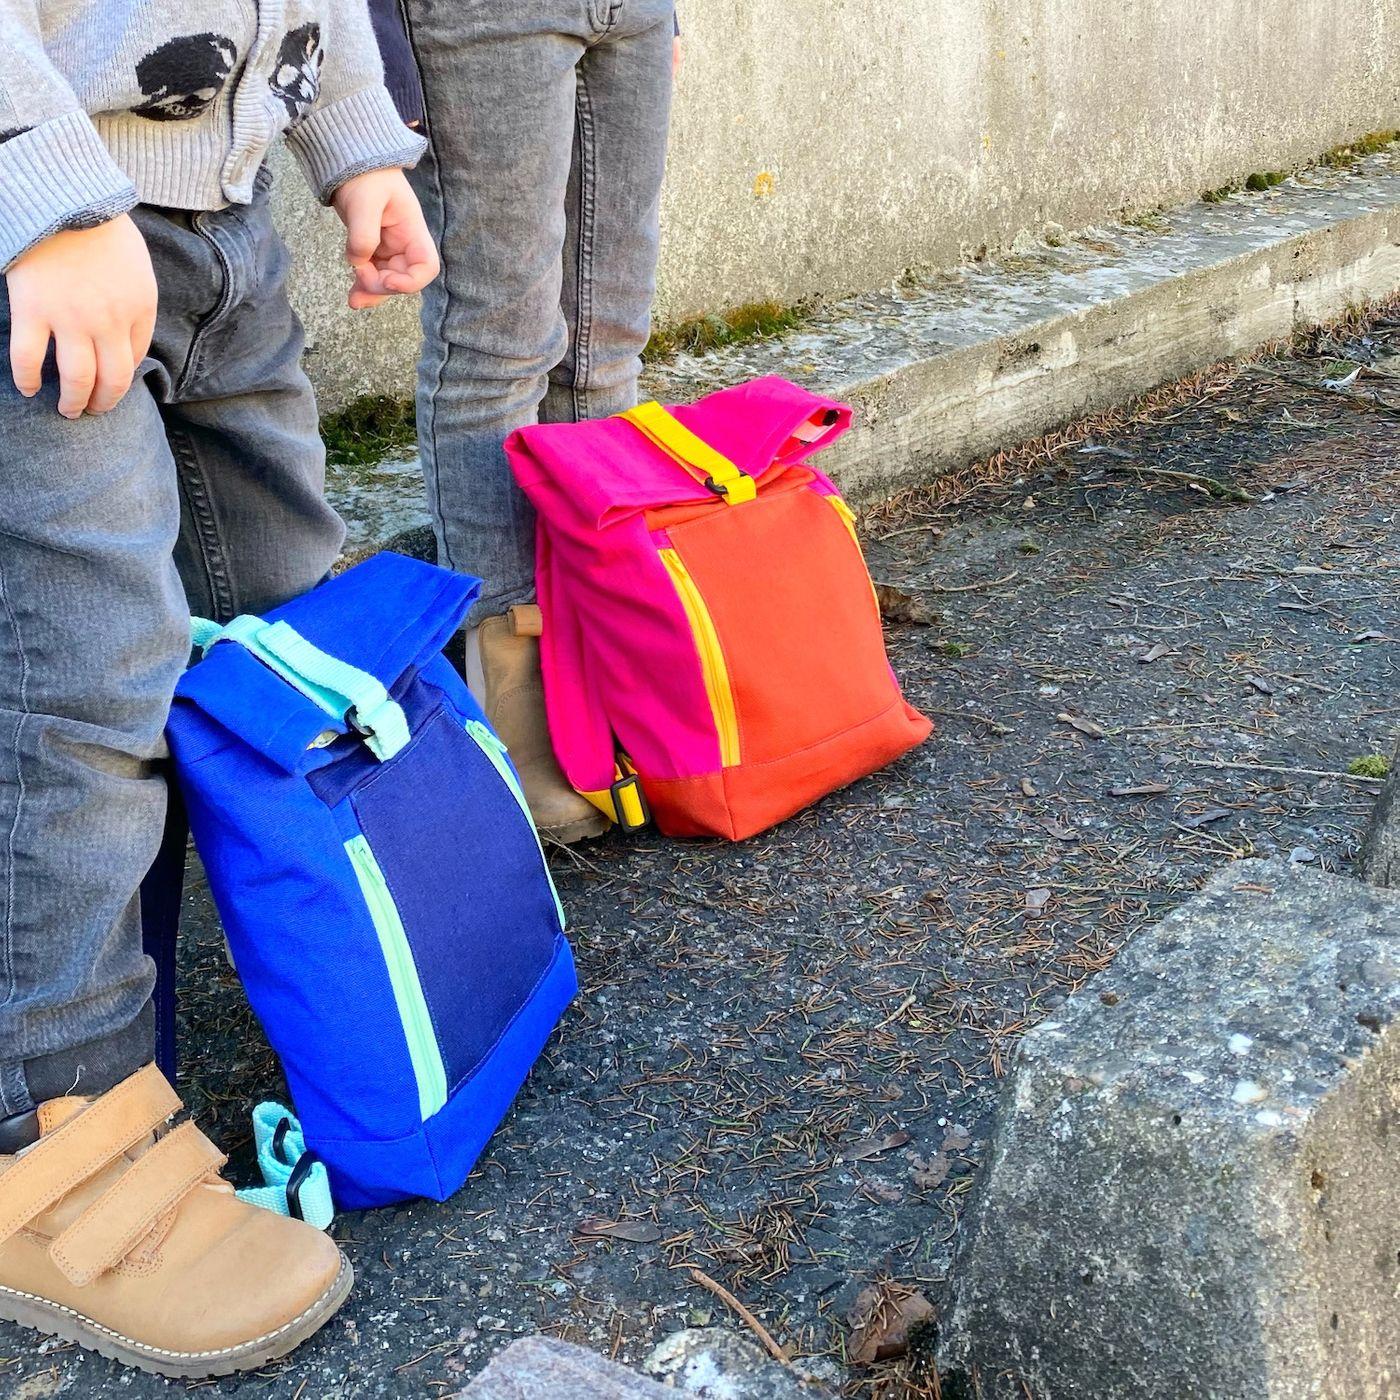 Produktfoto 3 von 11-lein für Schnittmuster Kombi Ebook Rucksack Yoko und Yoko mini